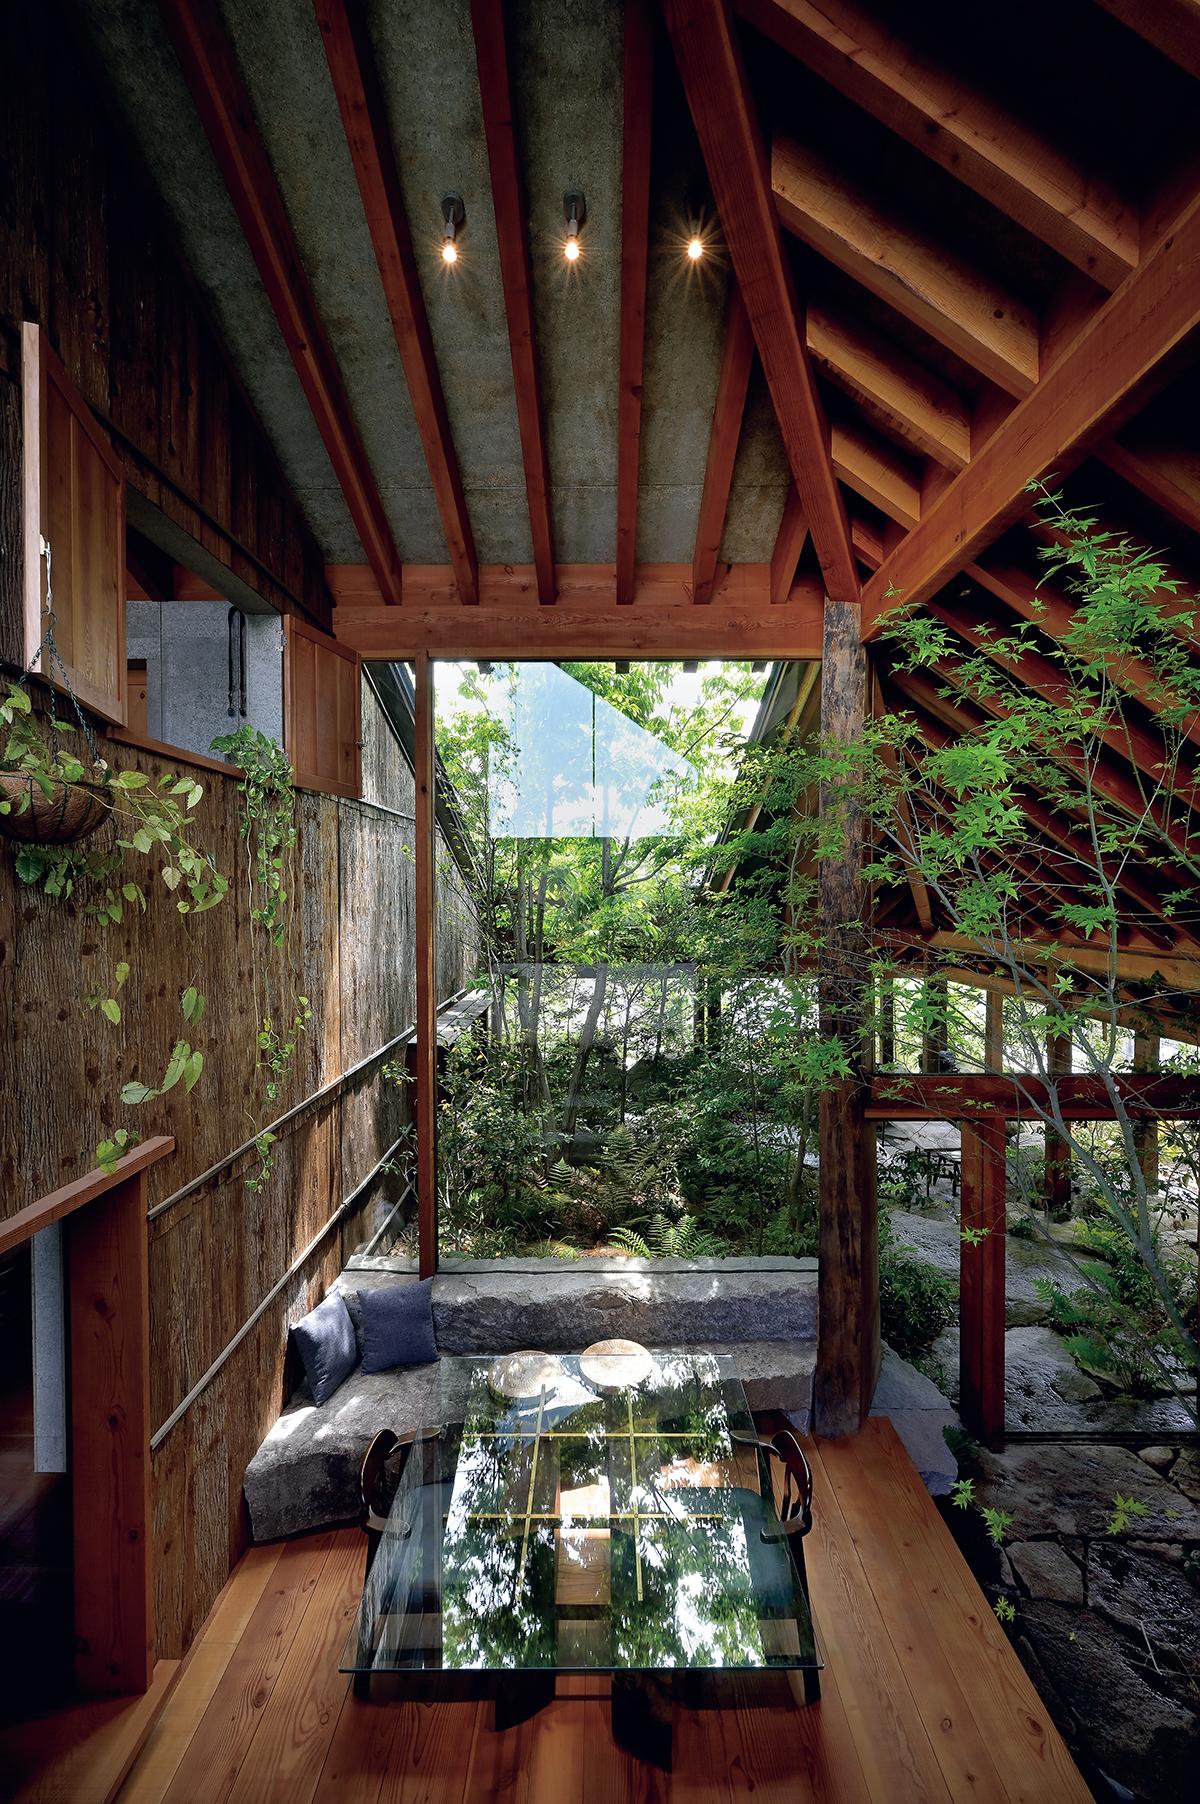 屋内なのに大きな木が植わっているうえ、壁面は杉の皮が貼られているので、屋内なのに屋外のような雰囲気のリビング・ダイニング。自然木に見える大黒柱は、神社仏閣を専門とする材木屋から仕入れた。その右手が玄関。さらに右がキッチン。